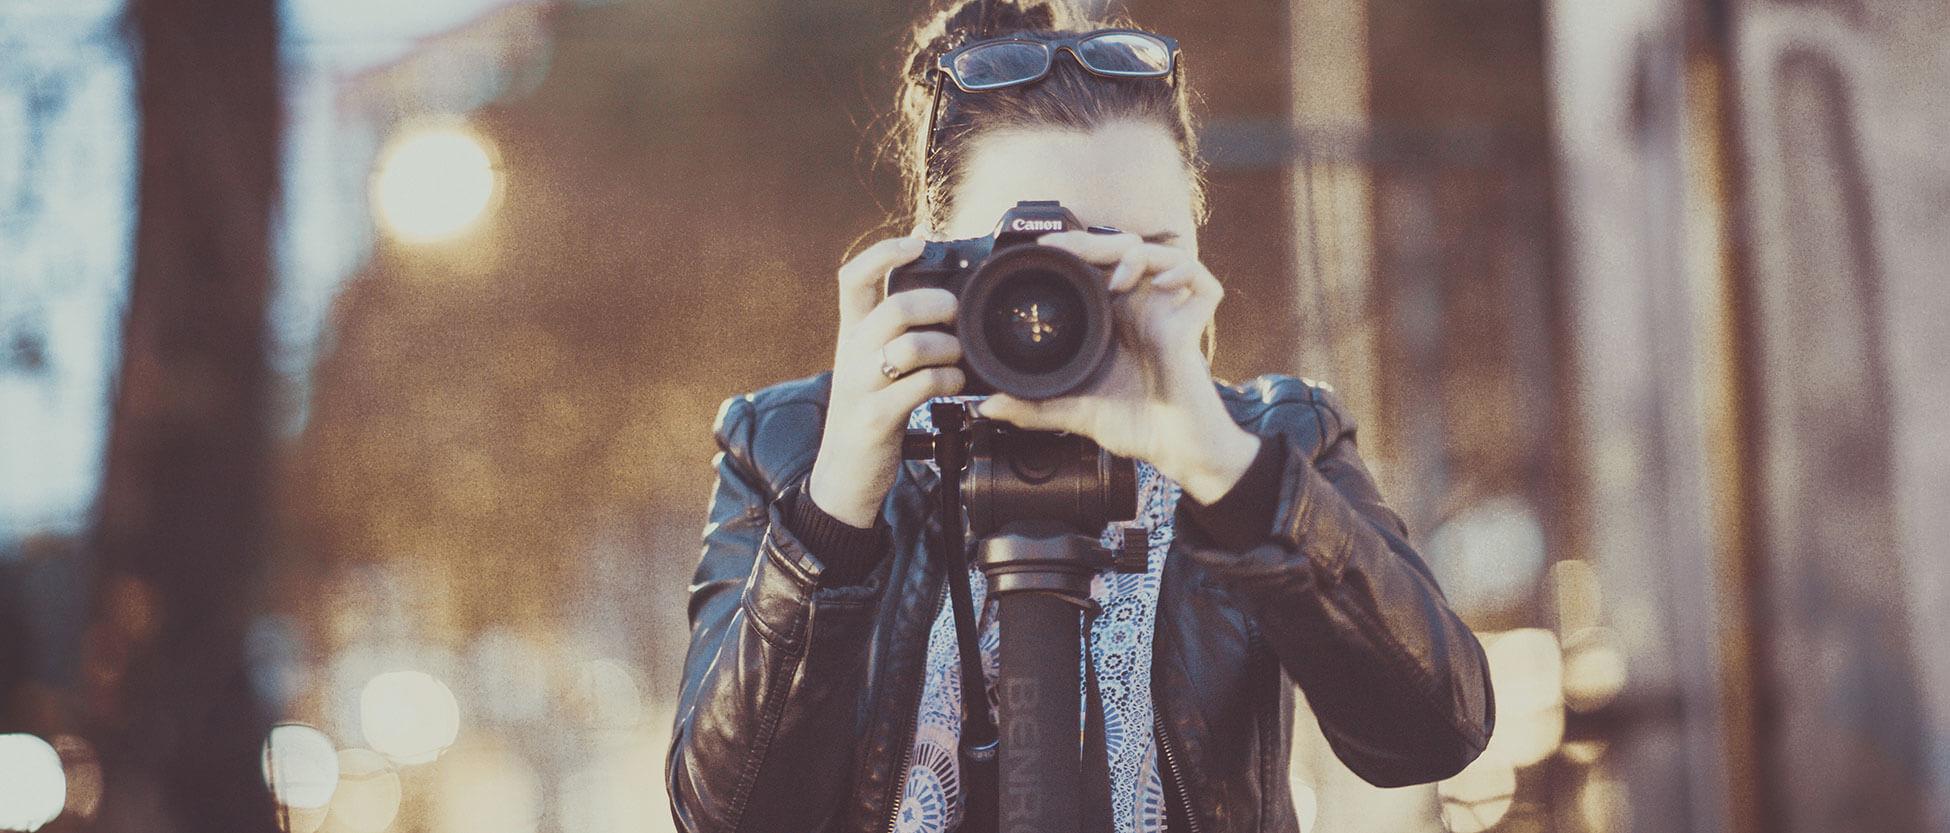 Fotografiando retratos de personas